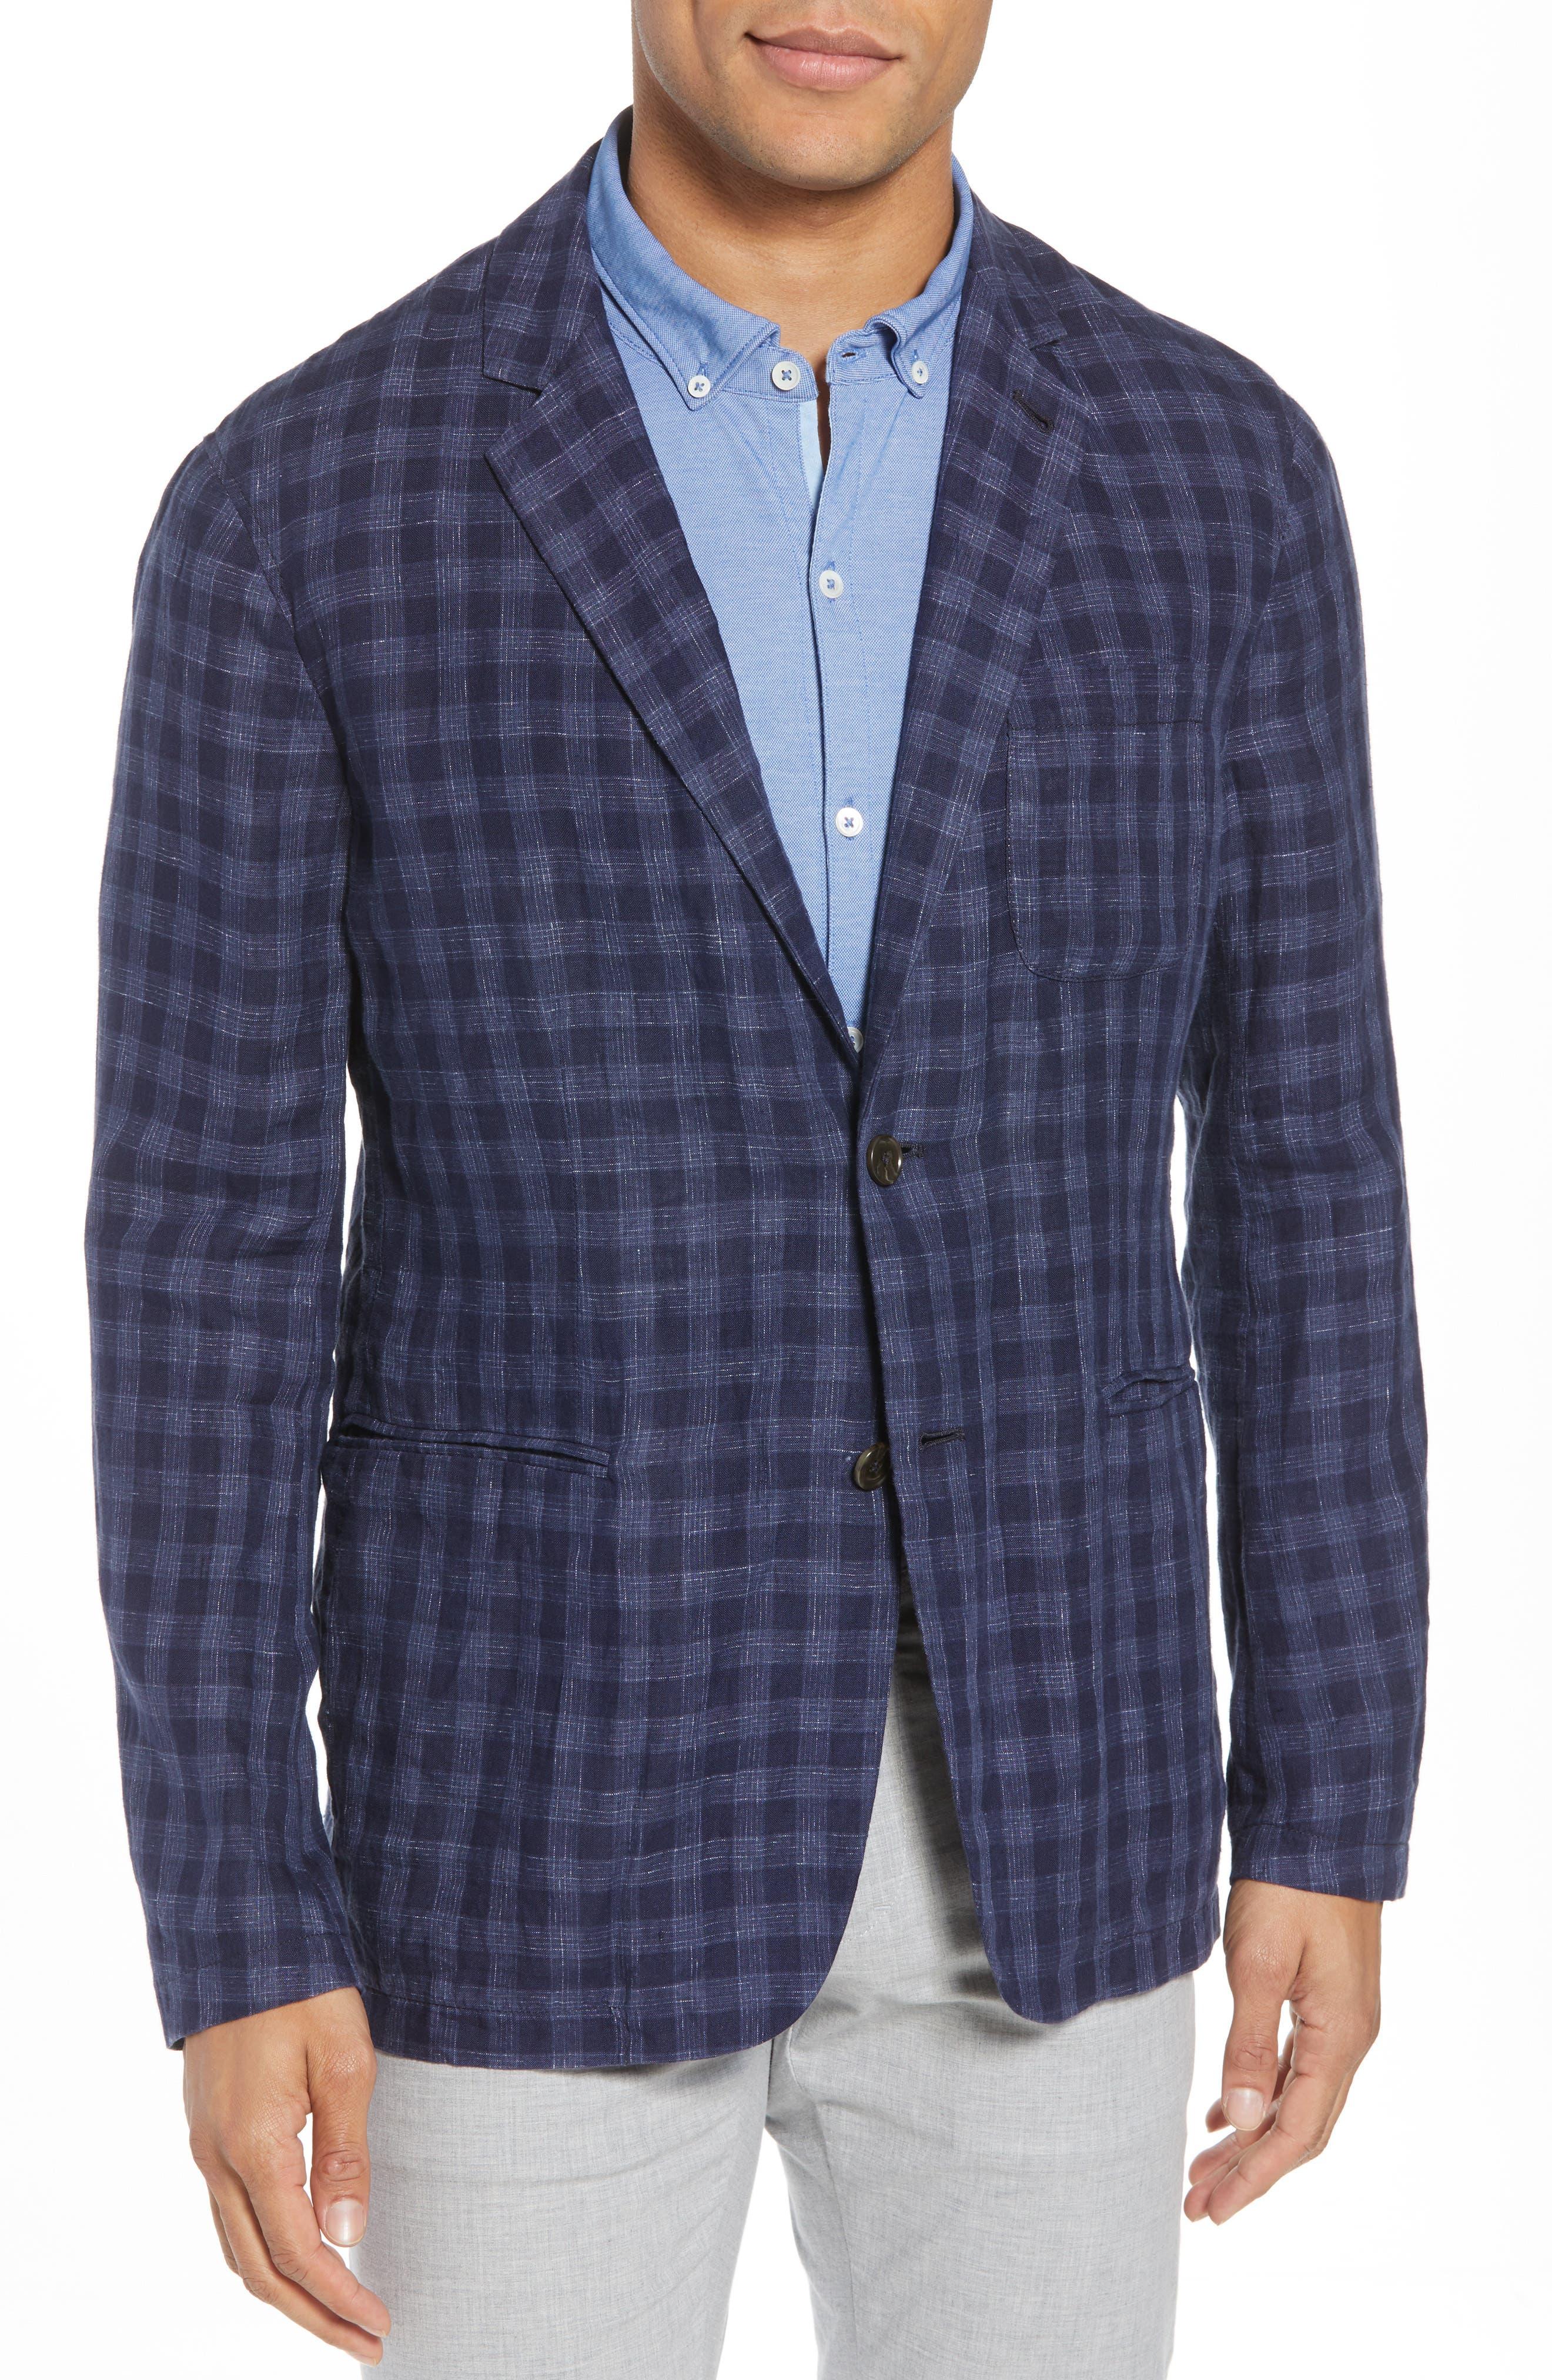 Bowser Regular Fit Sport Coat,                         Main,                         color, NAVY